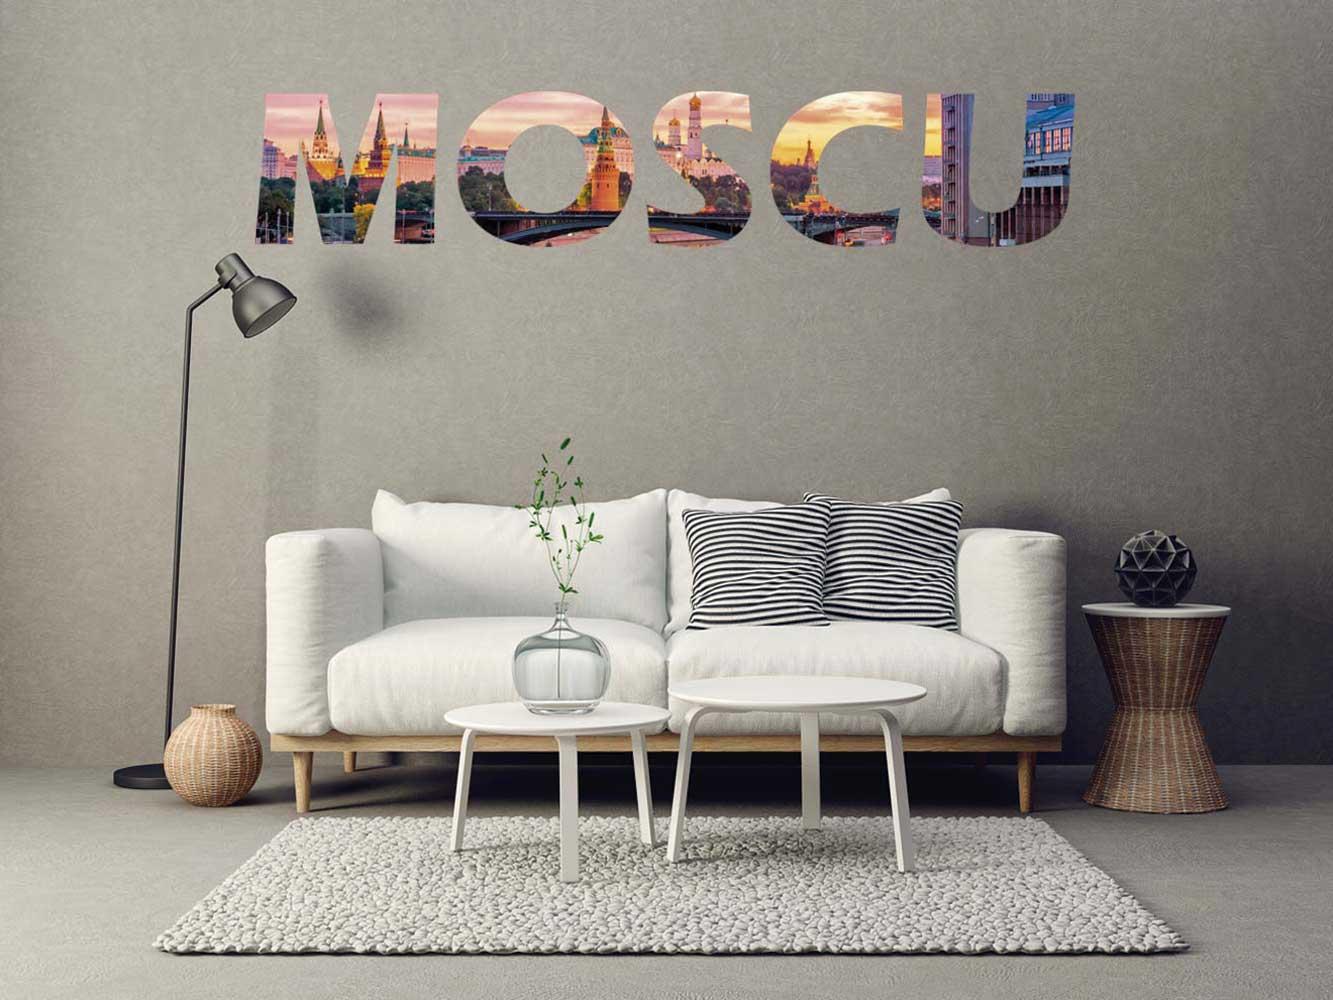 Vinilo Decorativo Ciudades Moscú | Carteles XXL - Impresión carteleria publicitaria